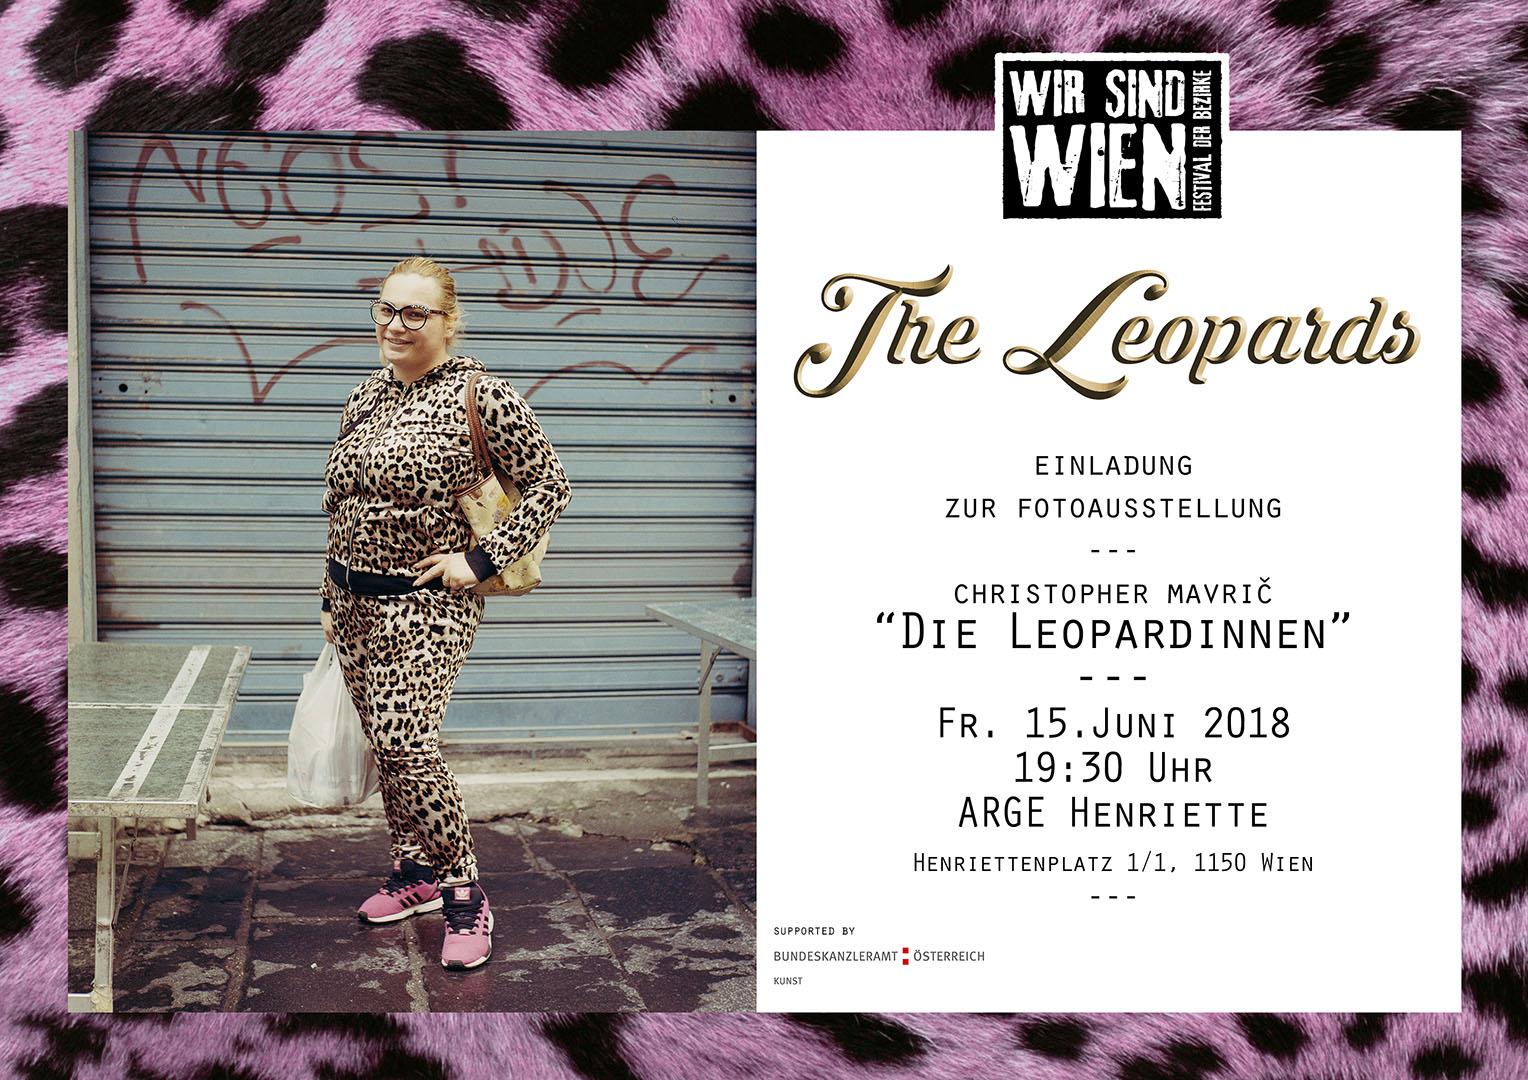 einladung_WEB_arge-henriette_die-leopardinnen